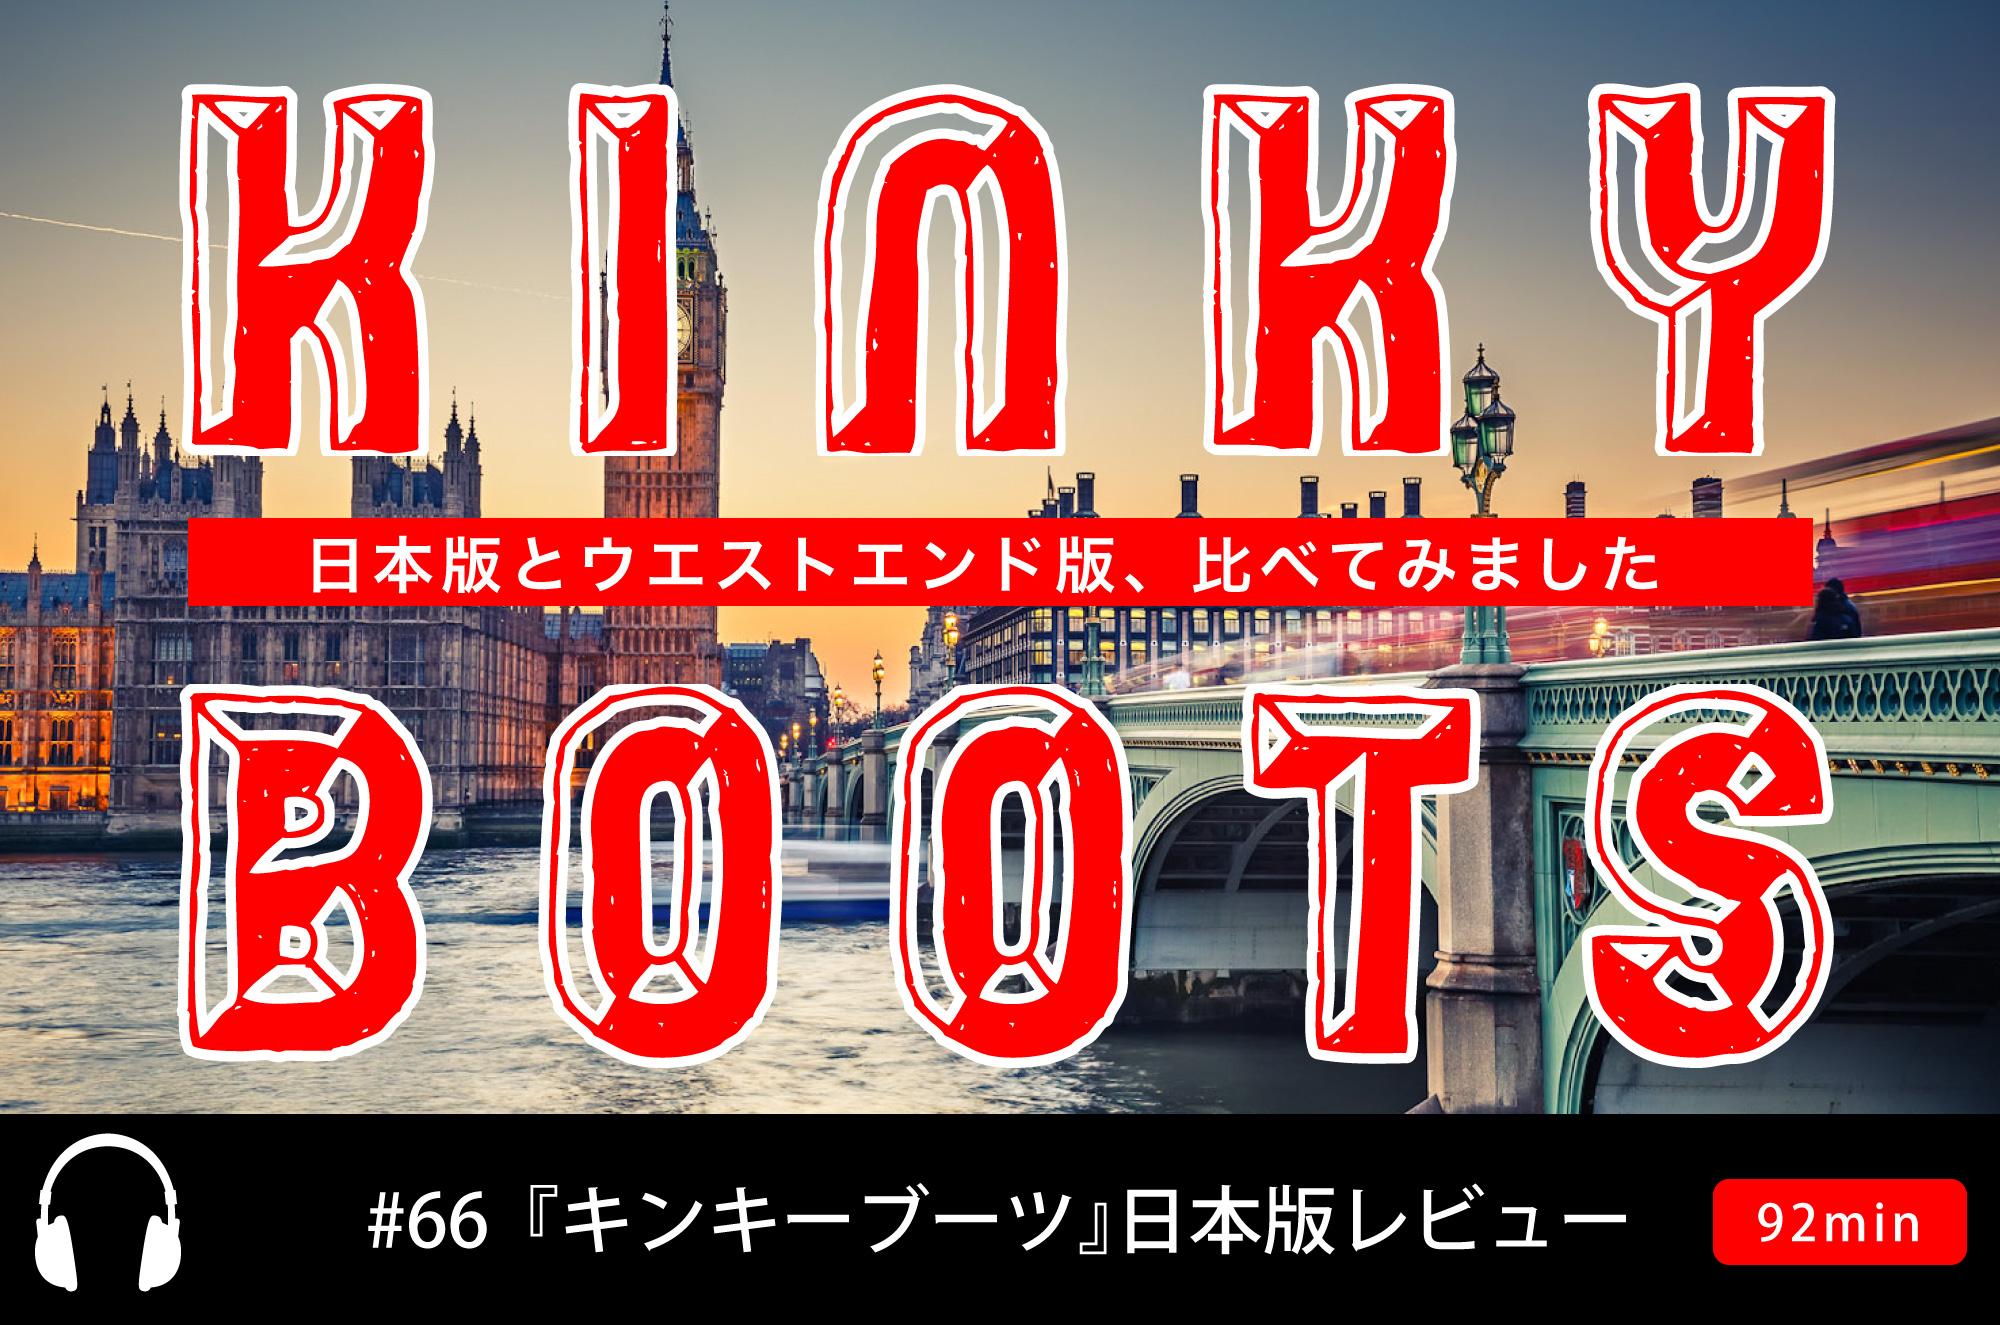 第66回:『キンキーブーツ』日本版見てきました! 大絶賛の感想はもう聞き飽きたんじゃないですか? ということで、ウエストエンド版と比べてレビューしてみました!